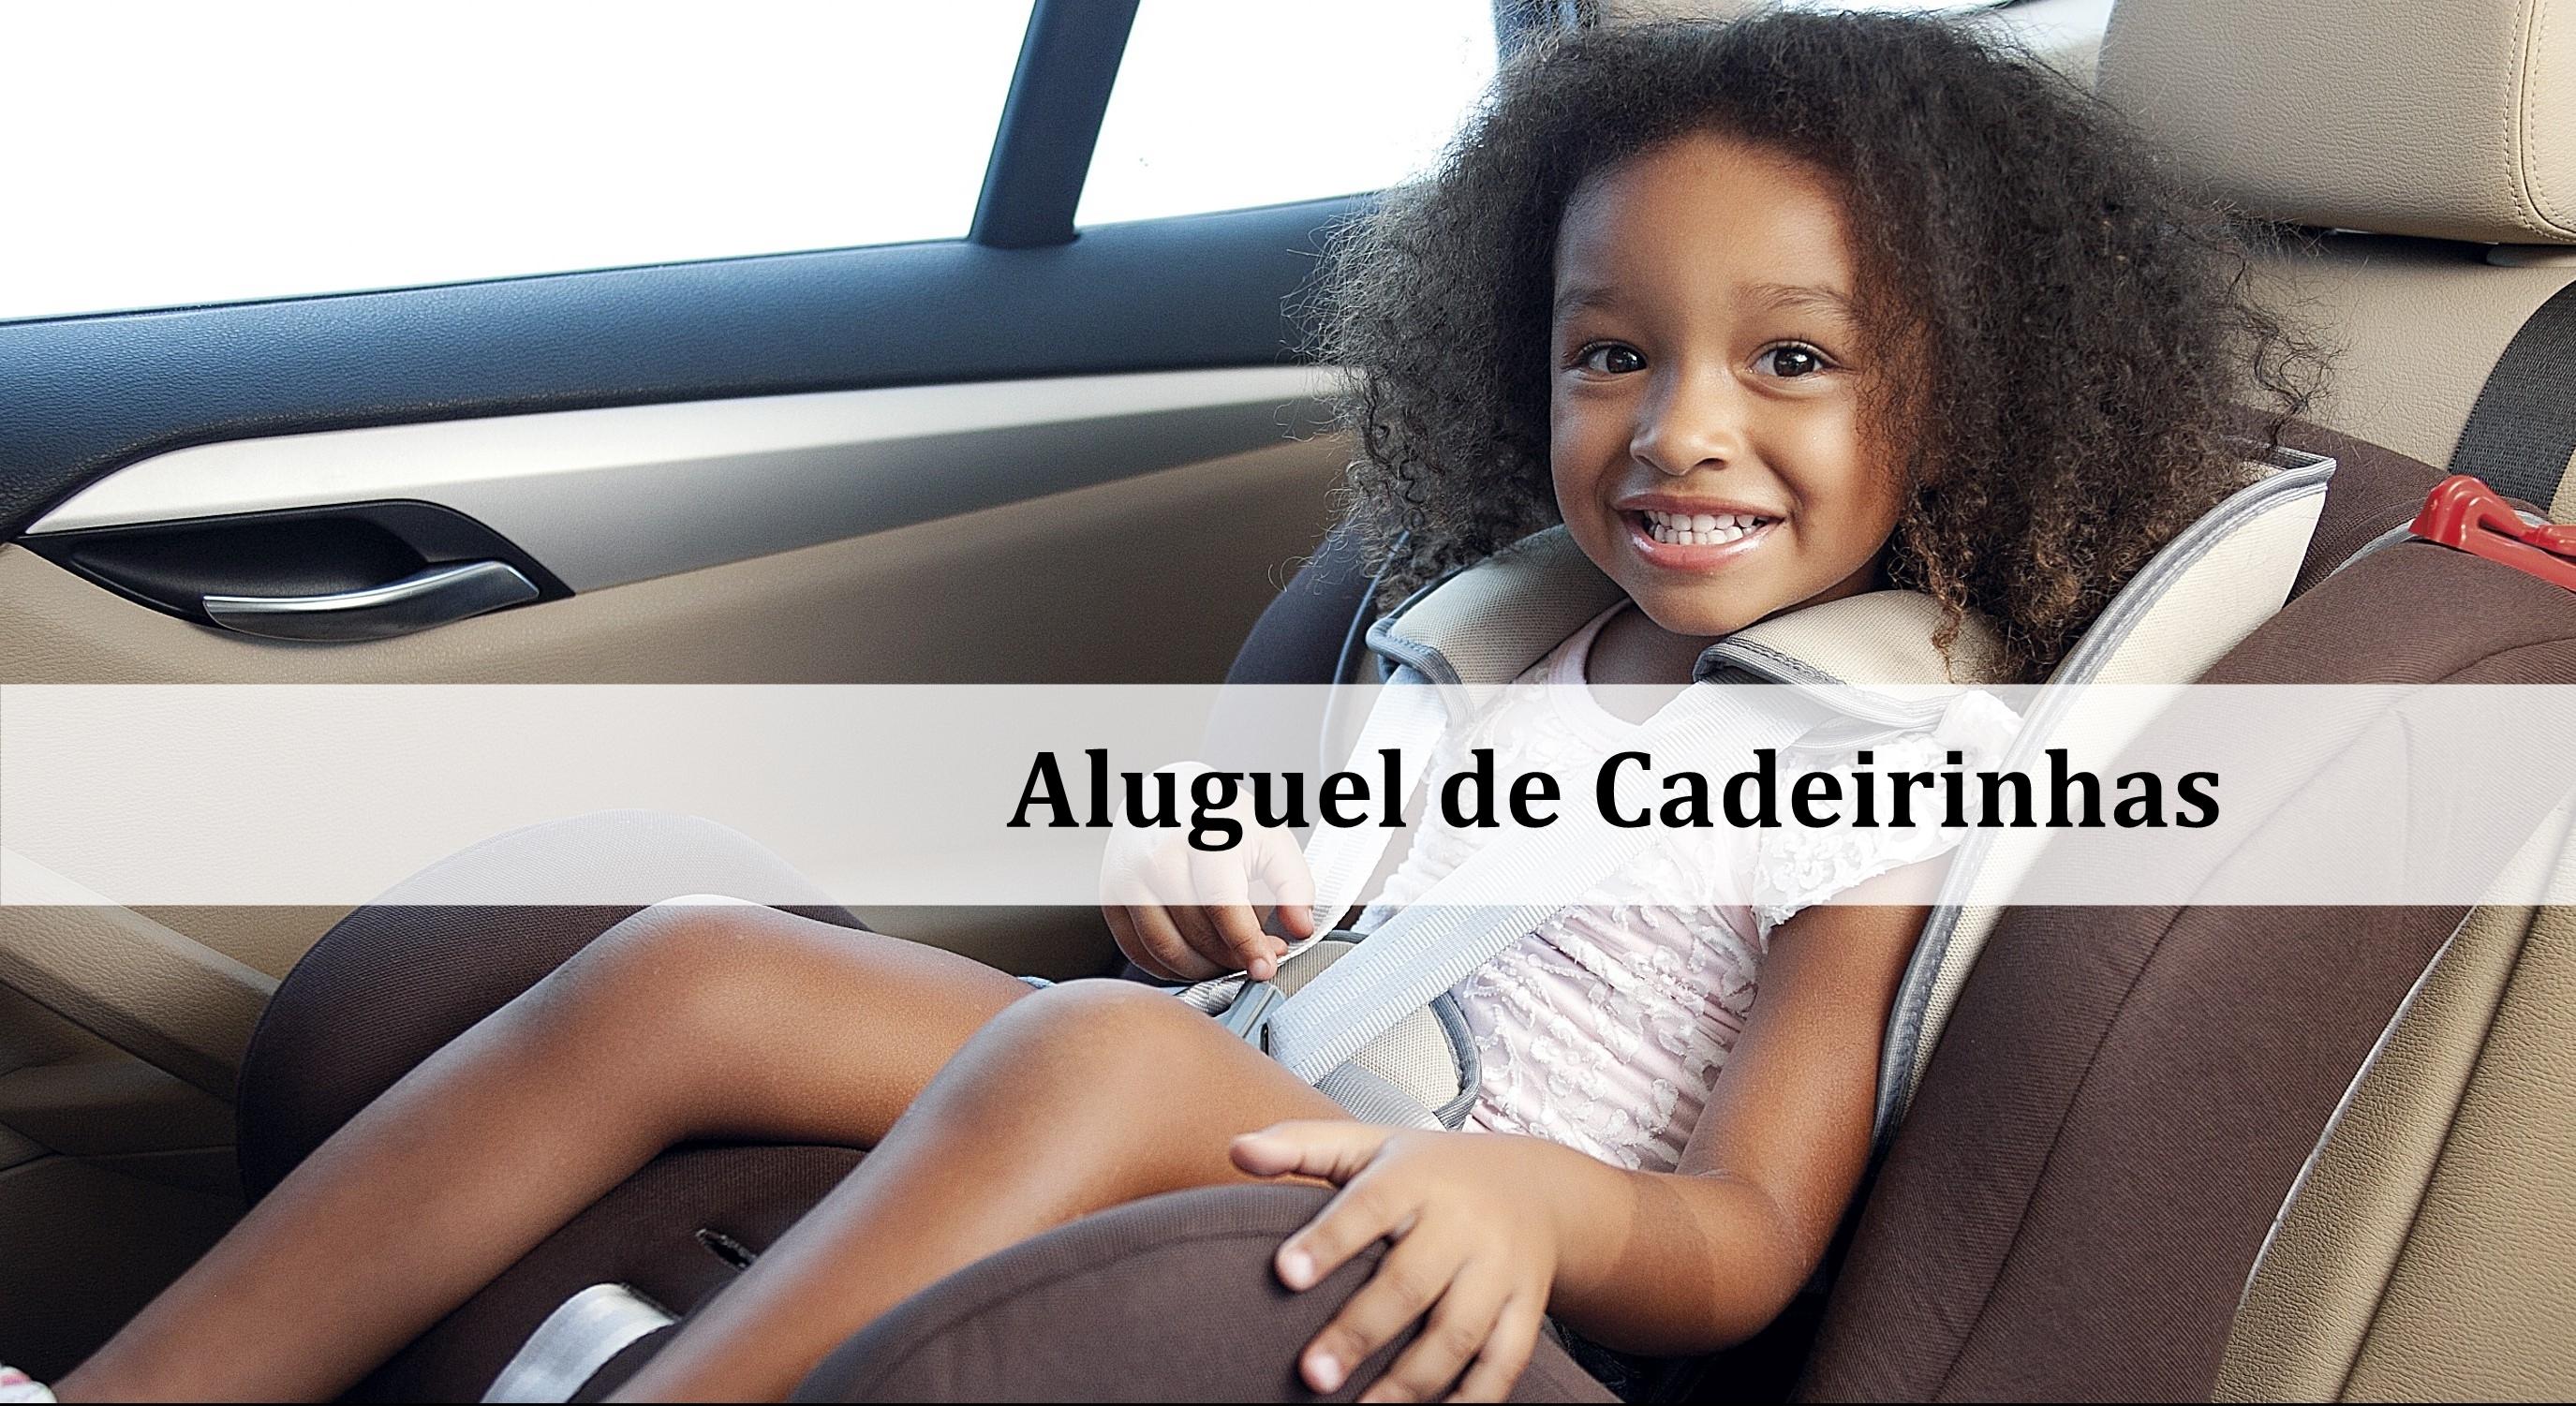 Cadeirnha Aluguel 3